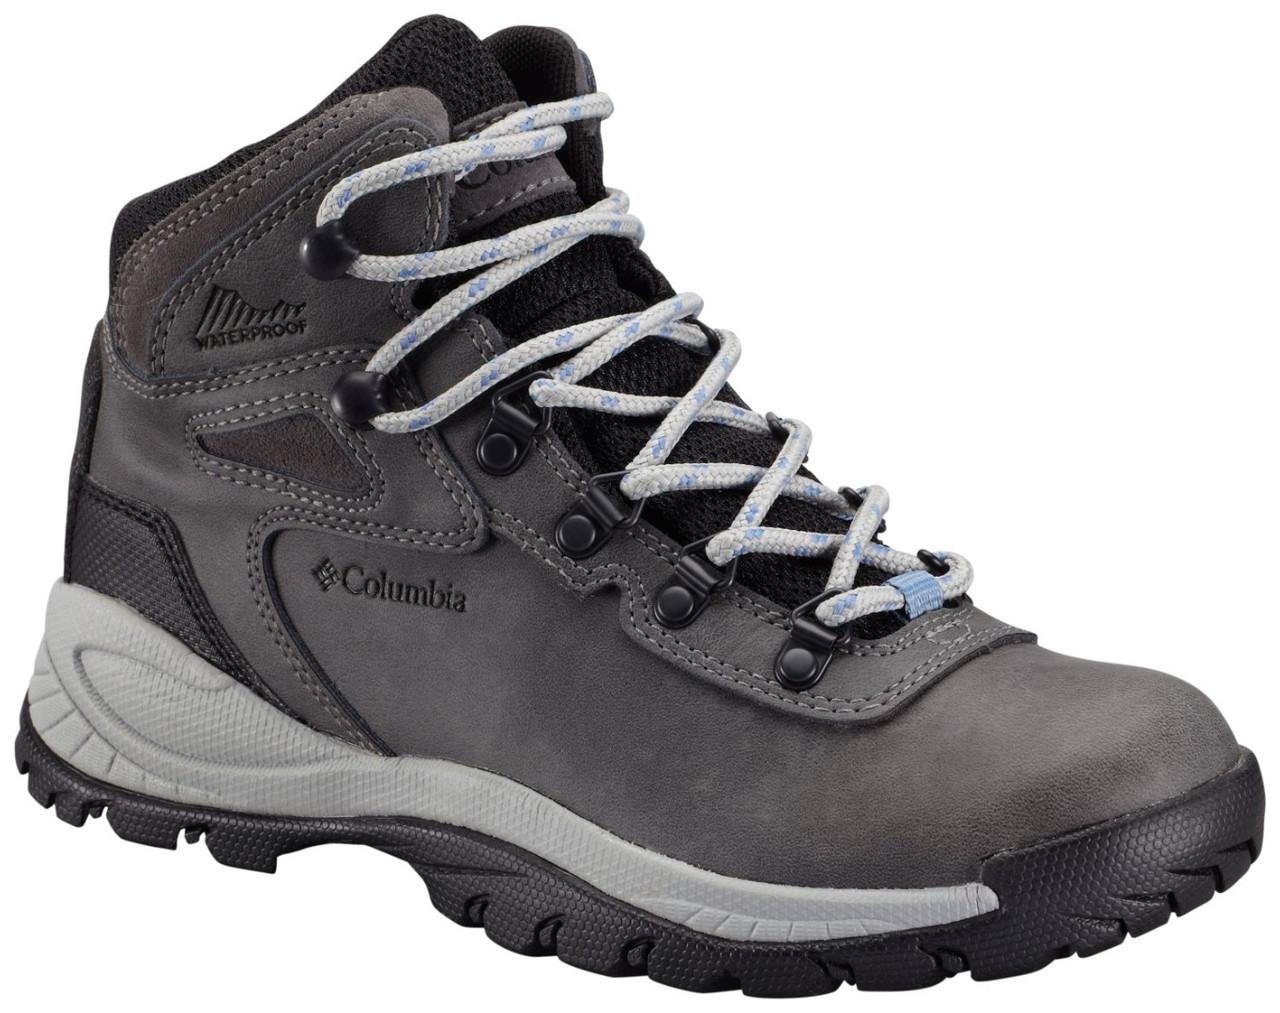 Columbia Trekking Shoes Online